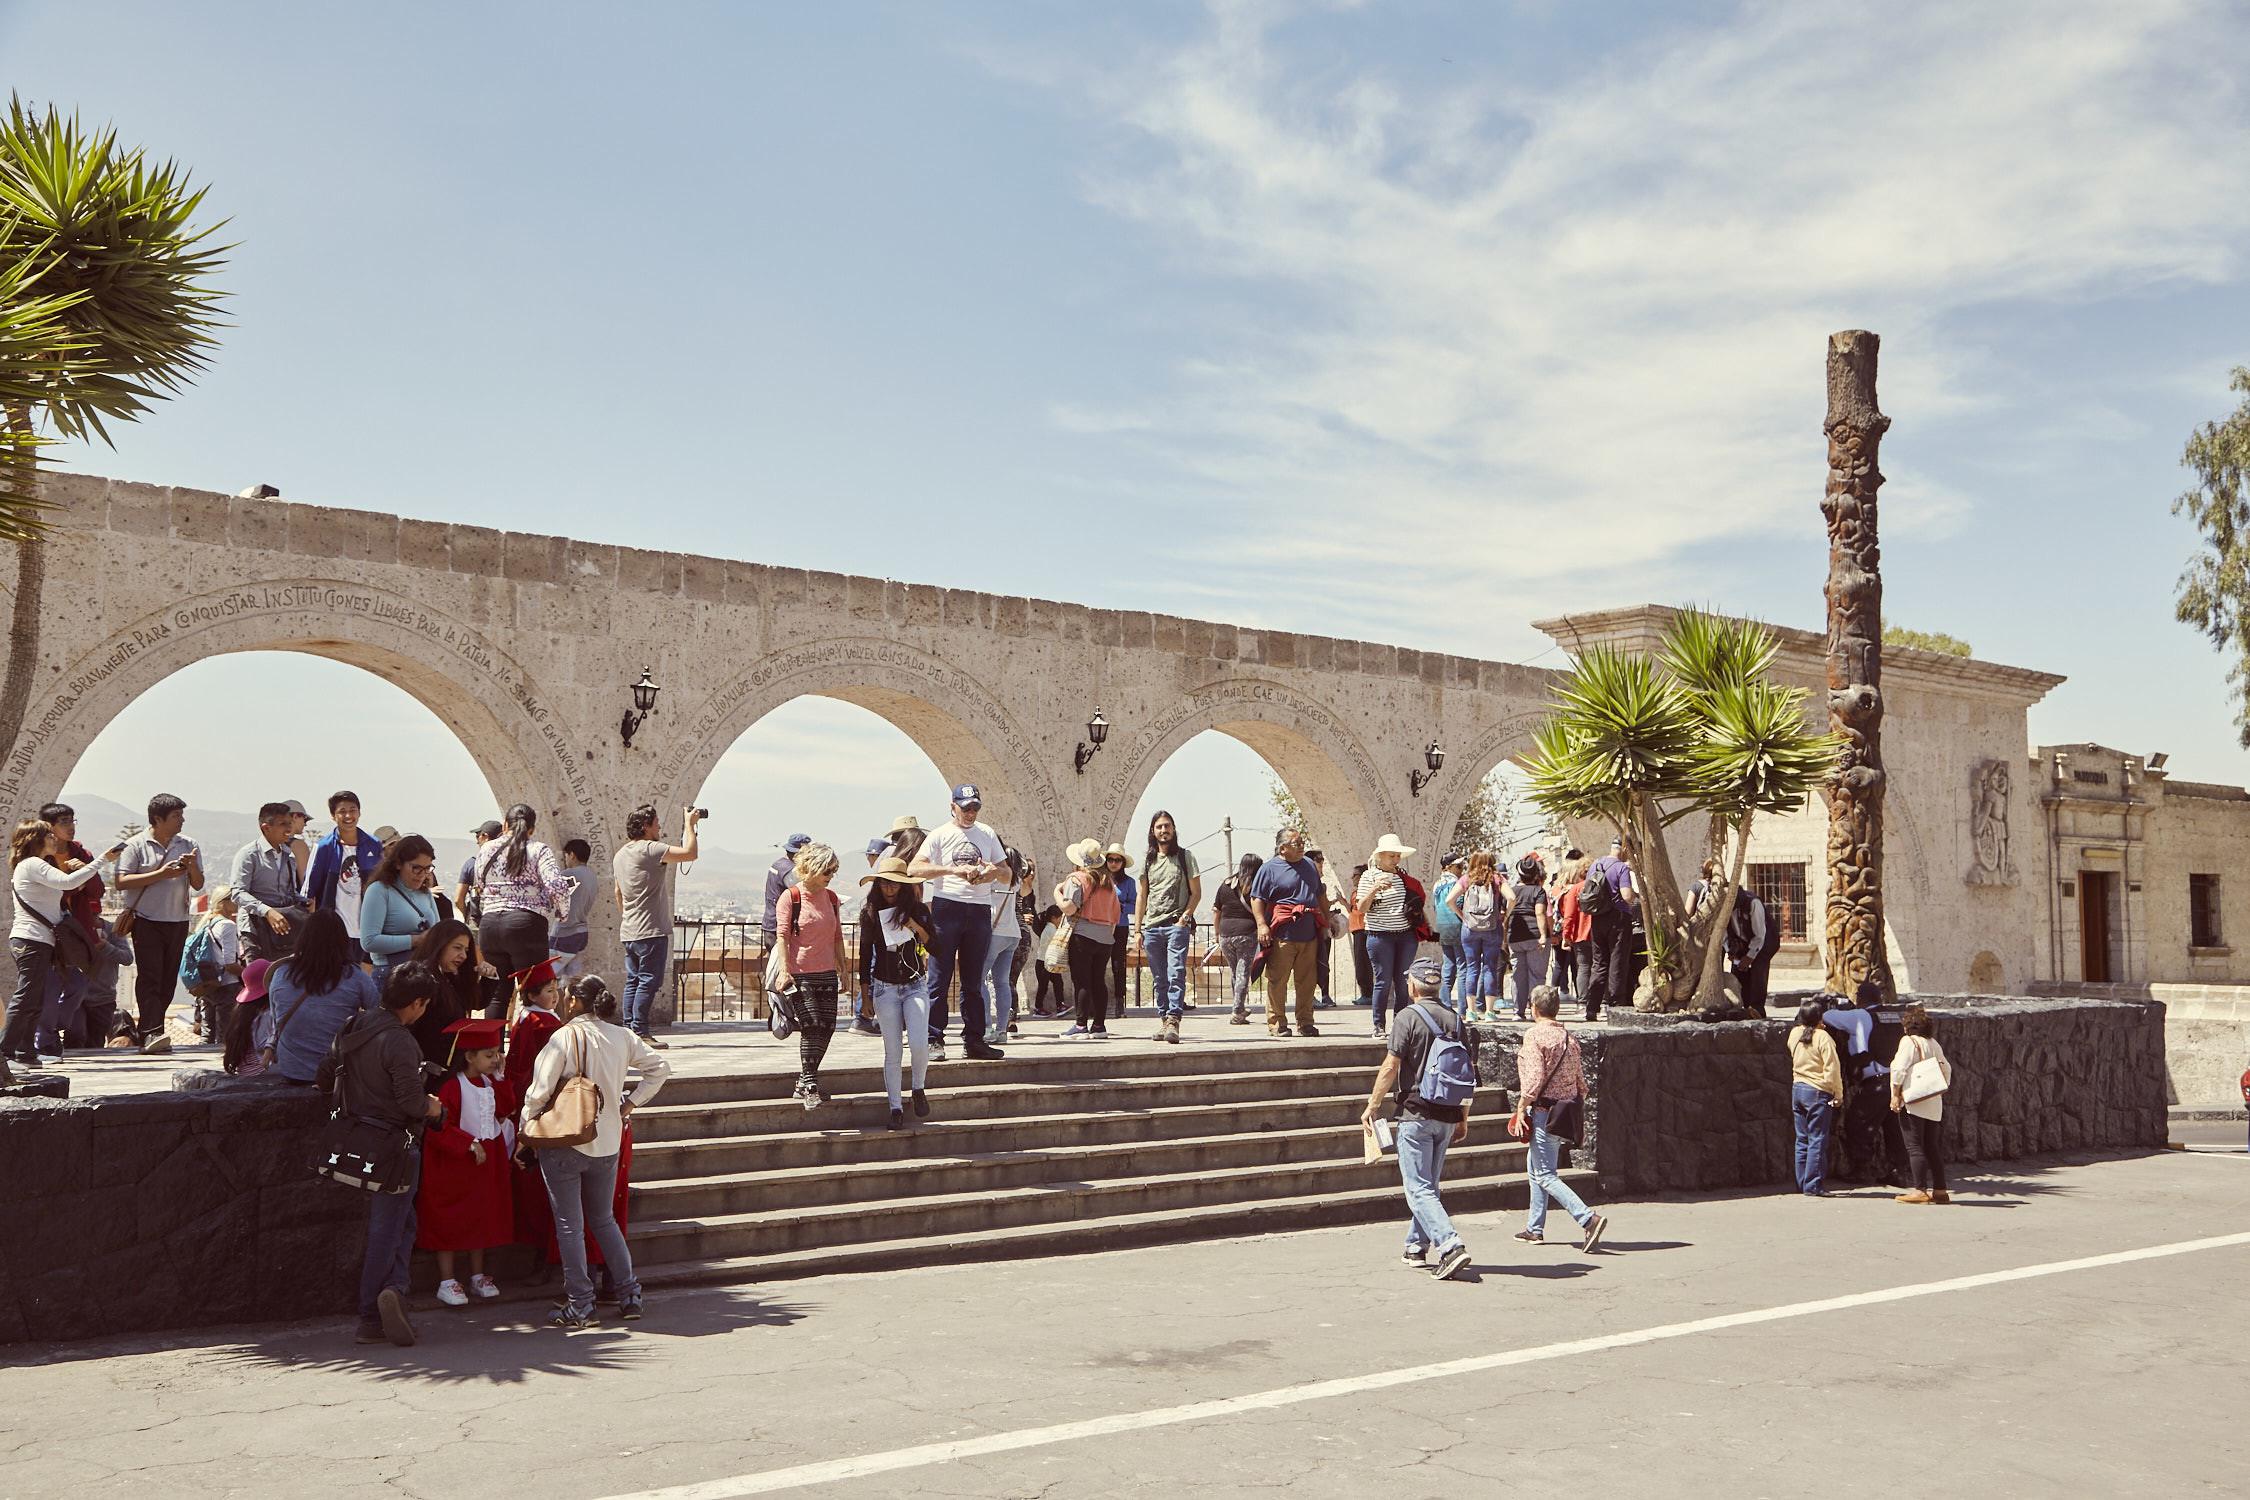 Mirador del Yanahuara mit vielen Menschen, leider ist der Platz nicht immer so leer wie auf den Fotos